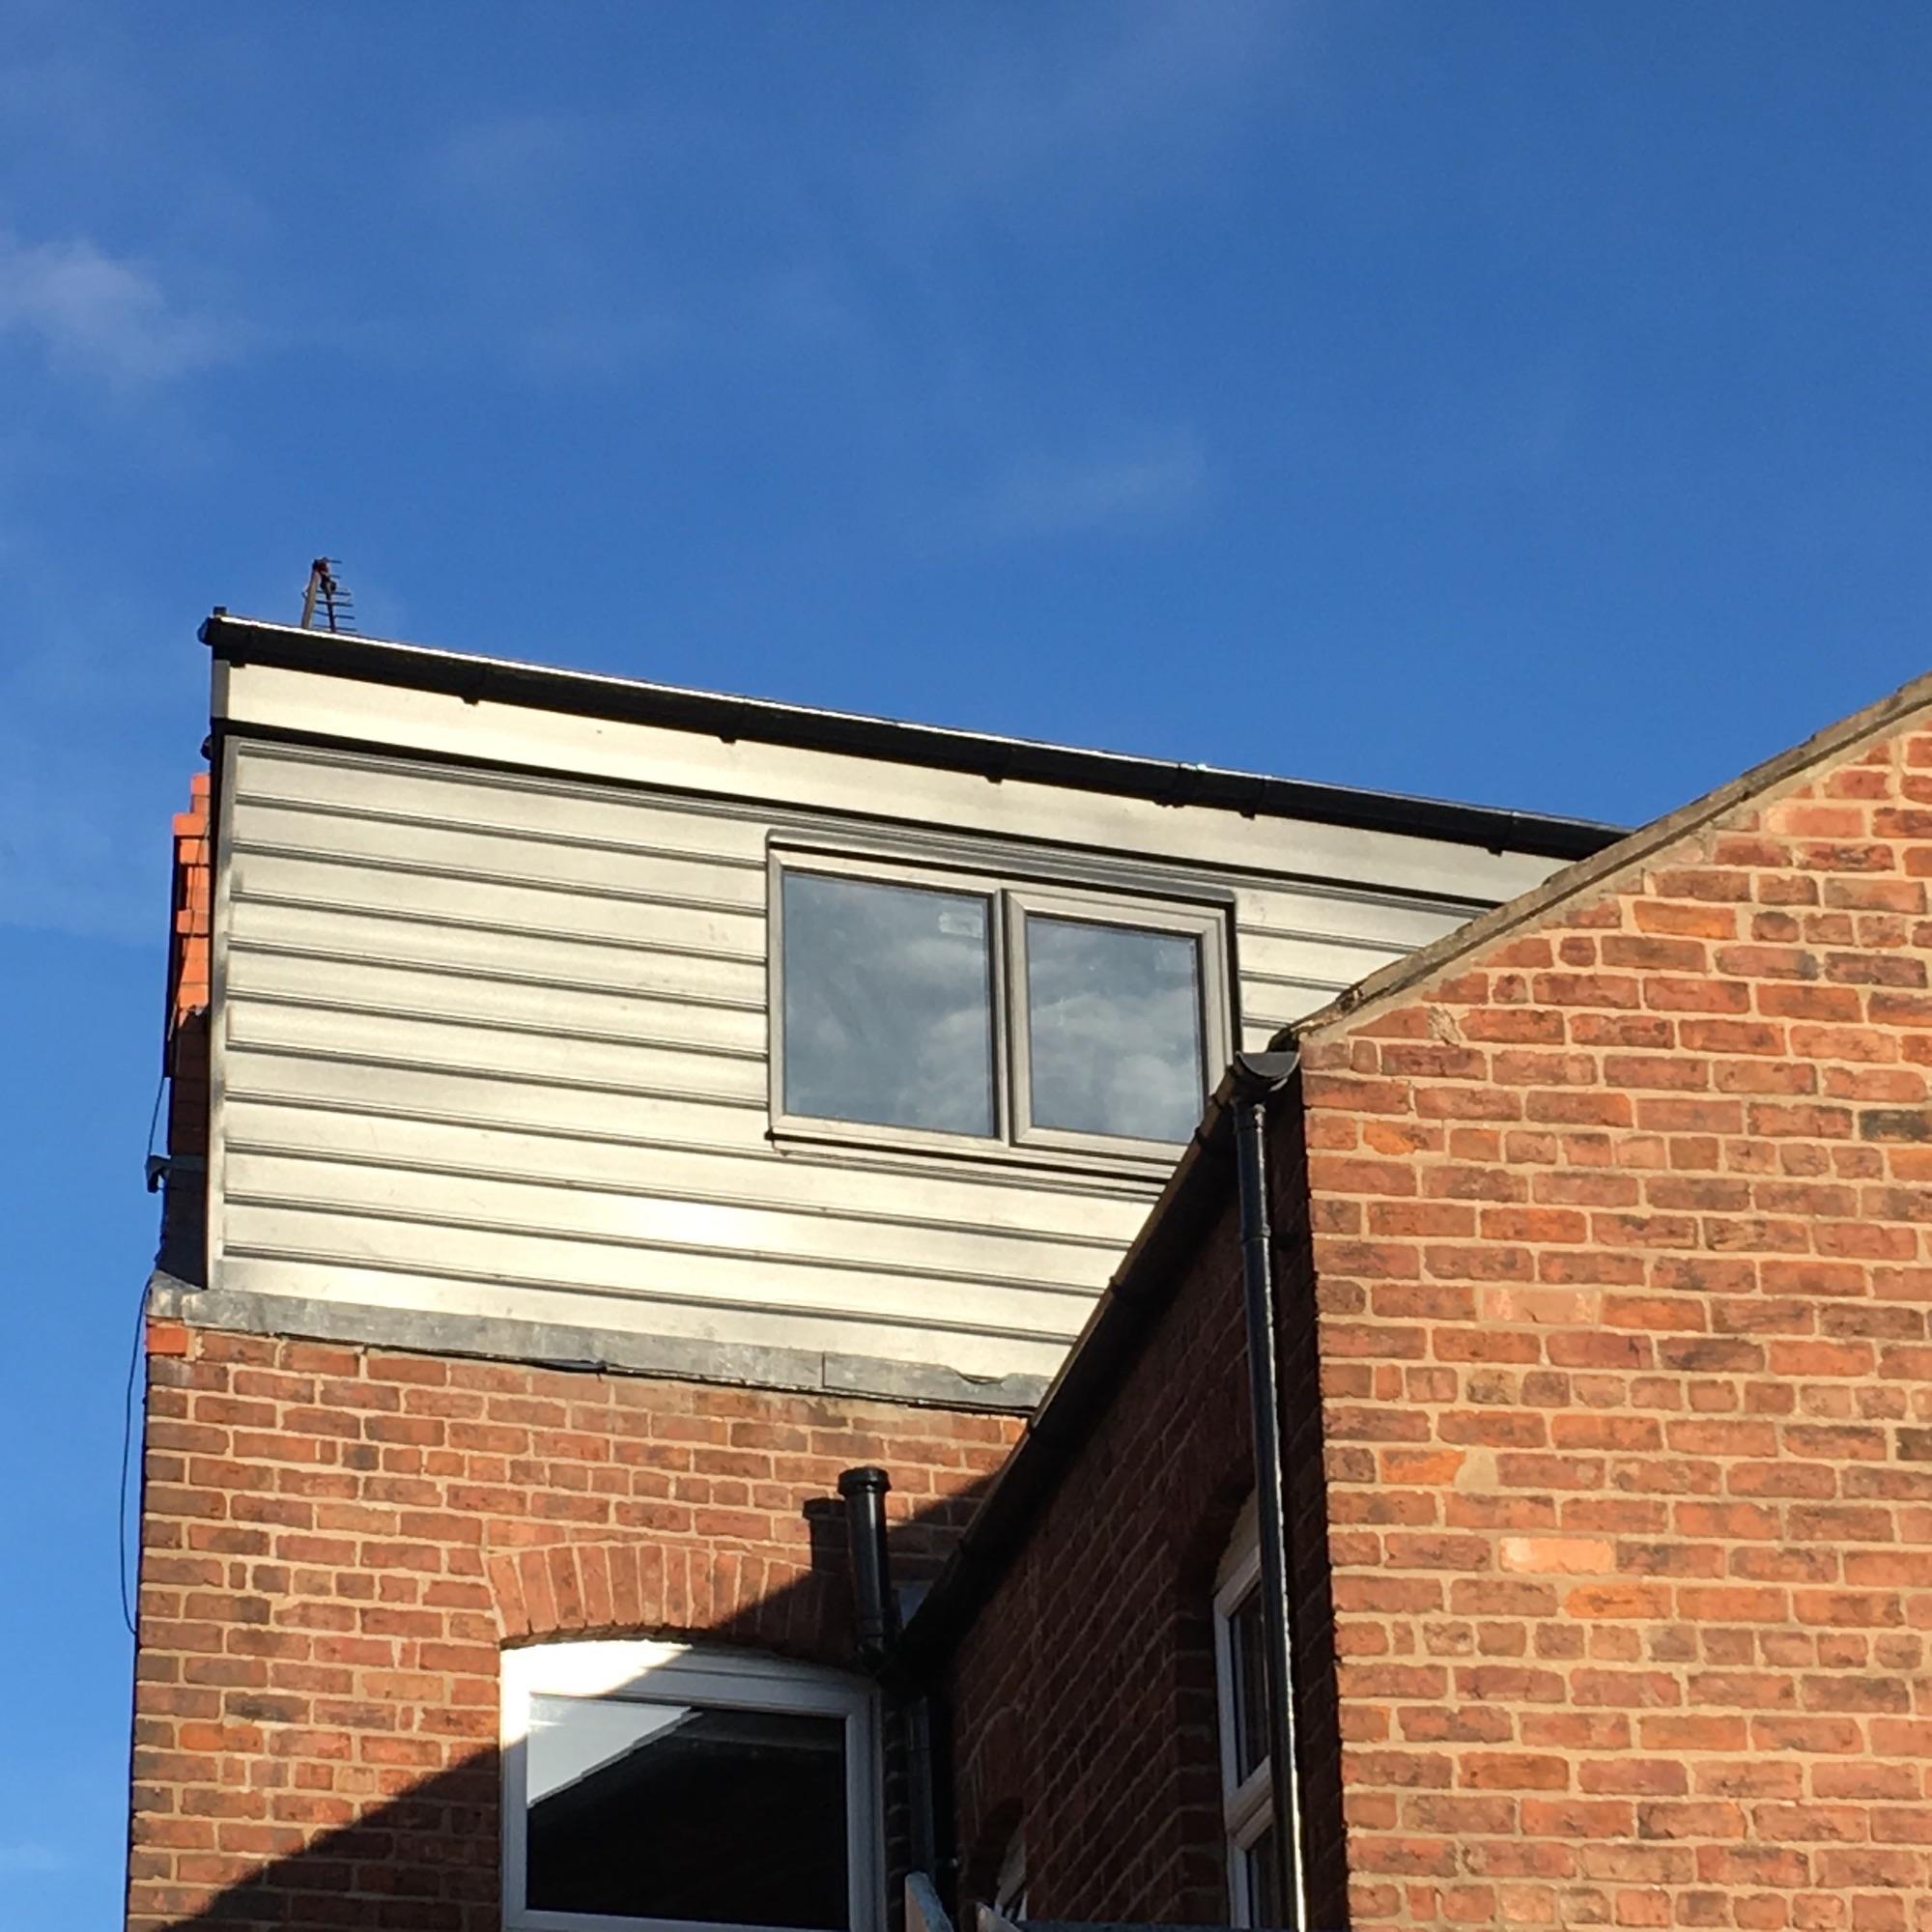 Dormer Loft conversion in Chester